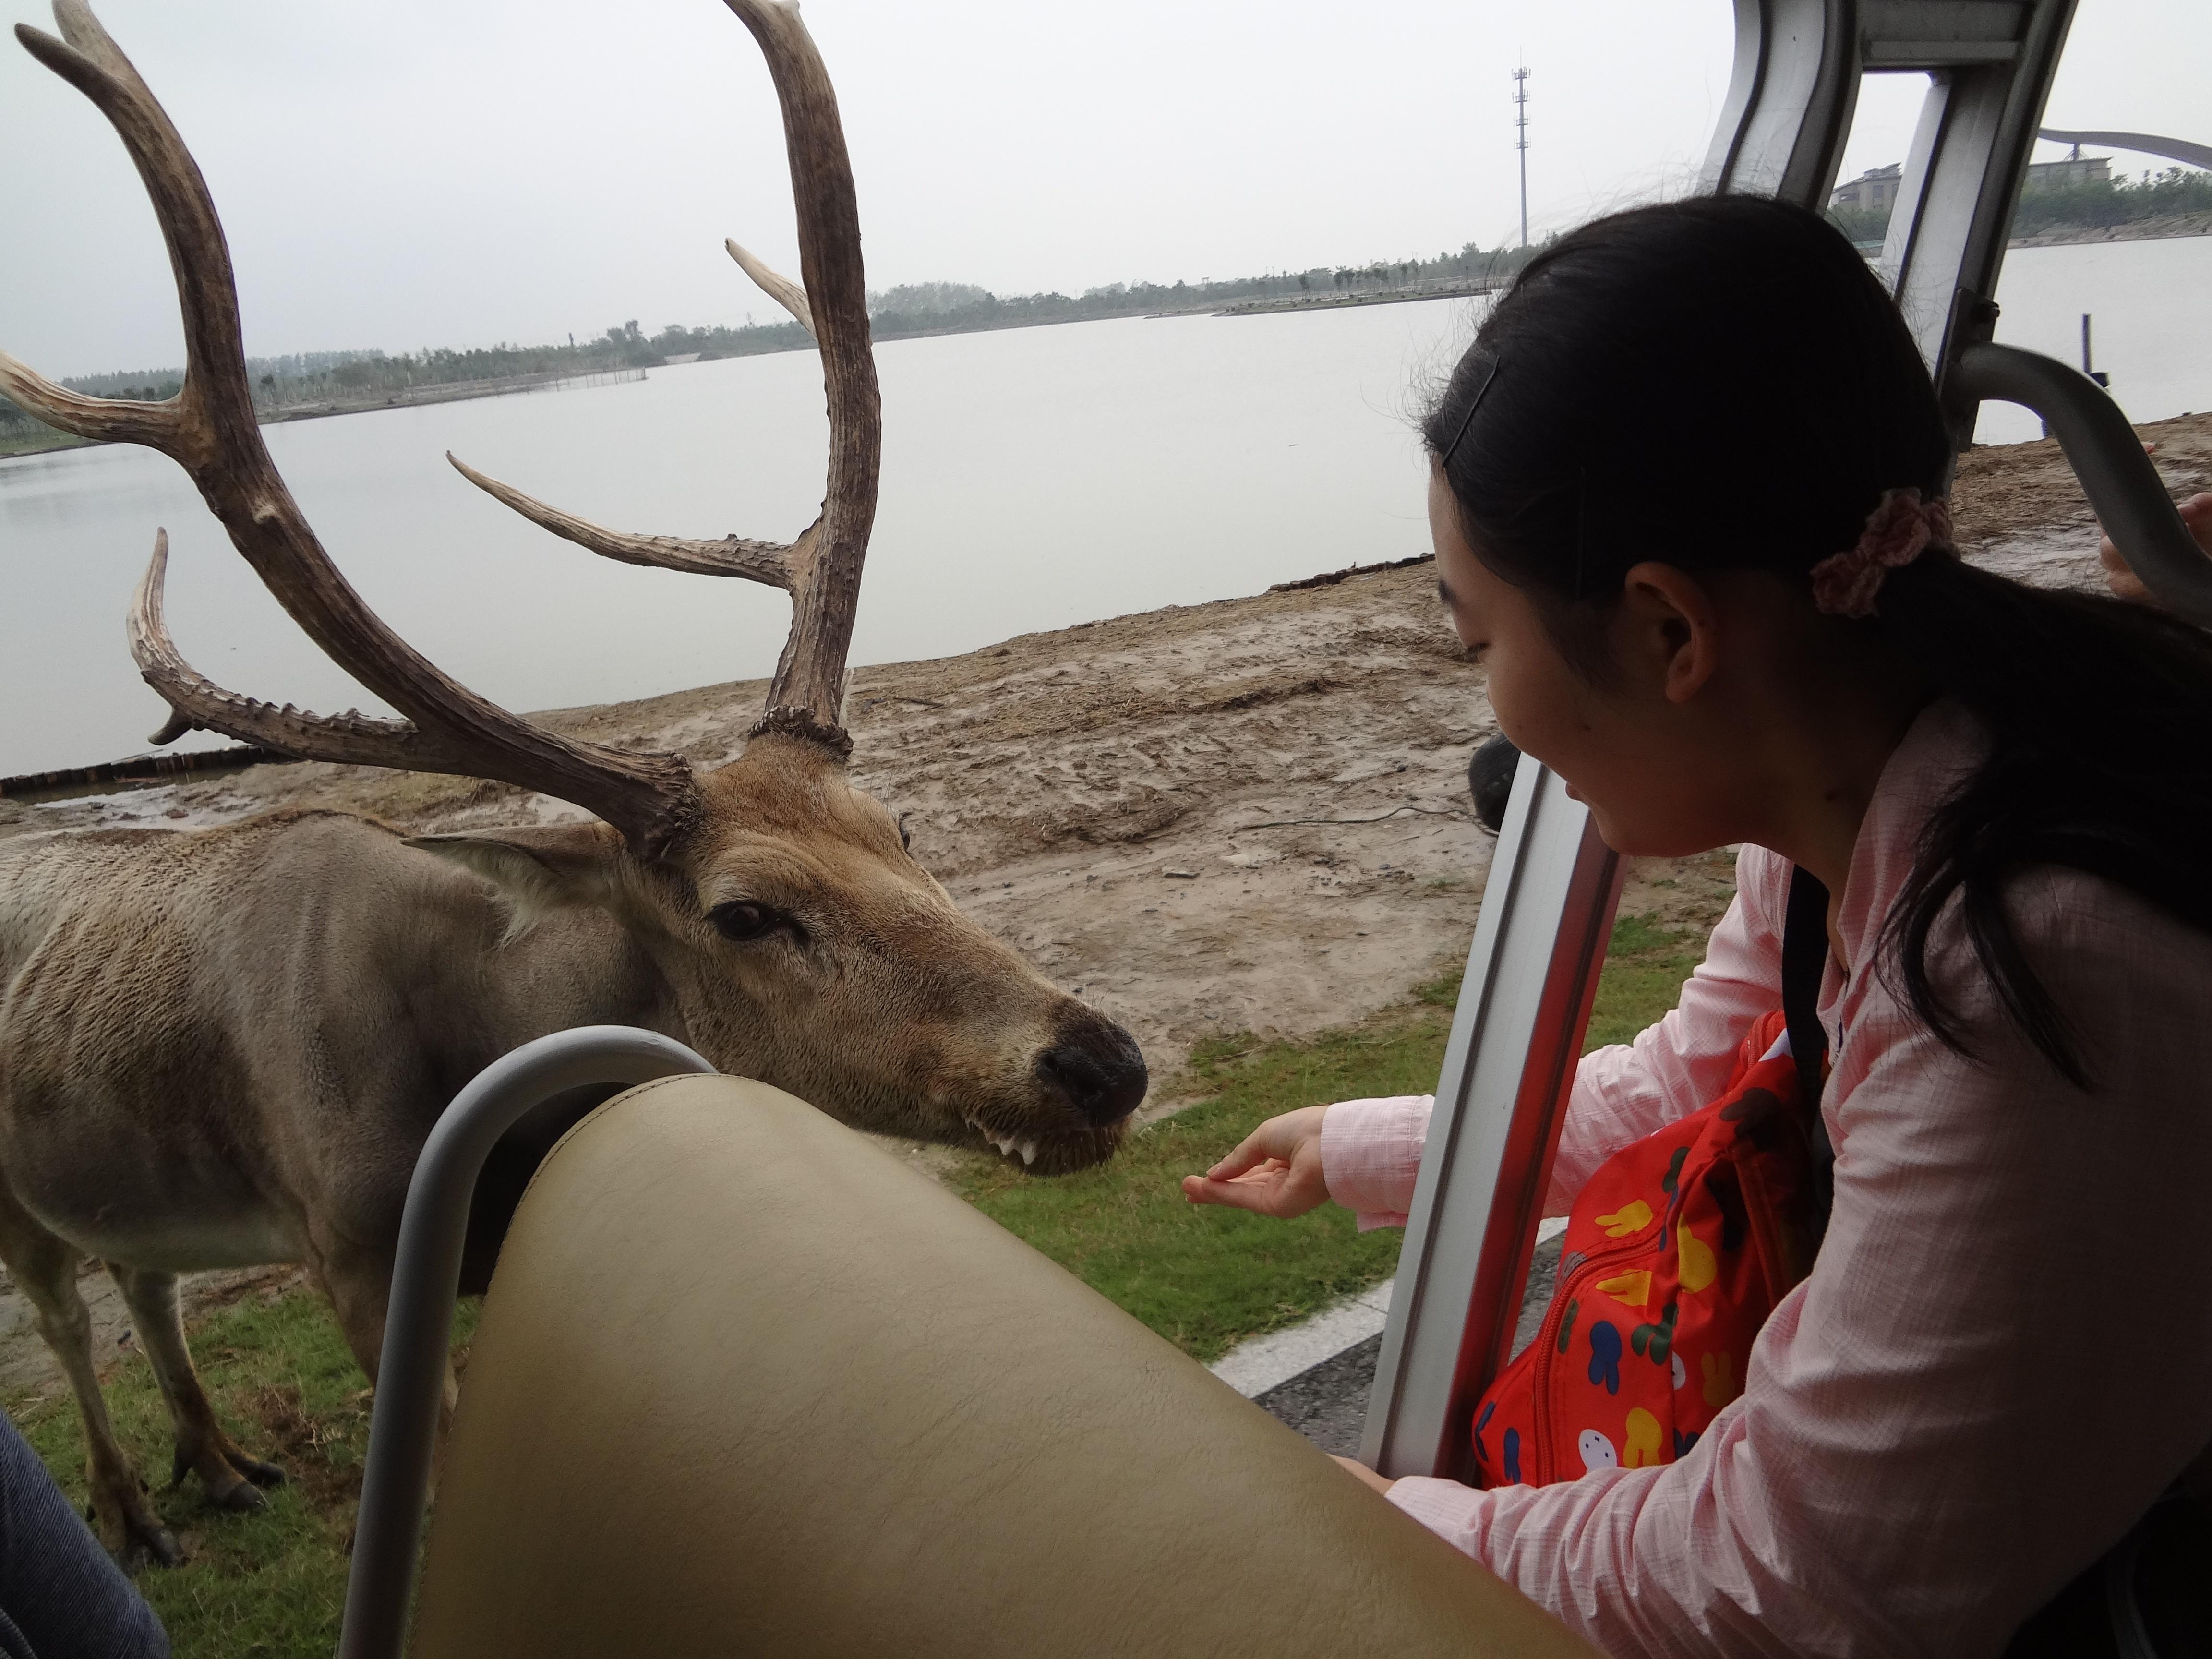 野生絶滅種とされるシフゾウと=塩城自然保護区で